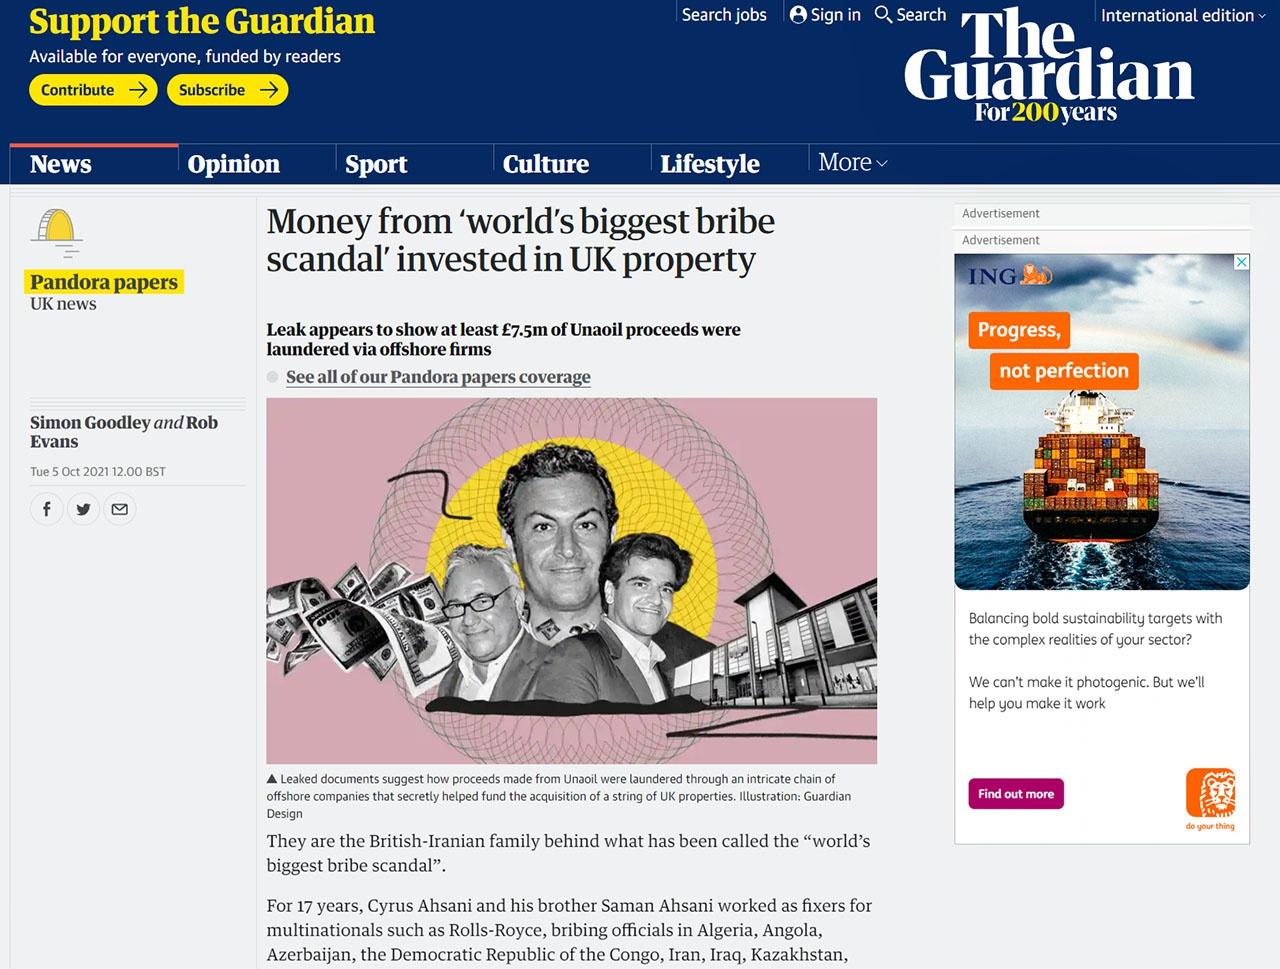 Британская The Guardian раскручивает скандал вокруг богатейшего в Великобритании семейства иранского происхождения - братьев Сайруса и Самана Асани.